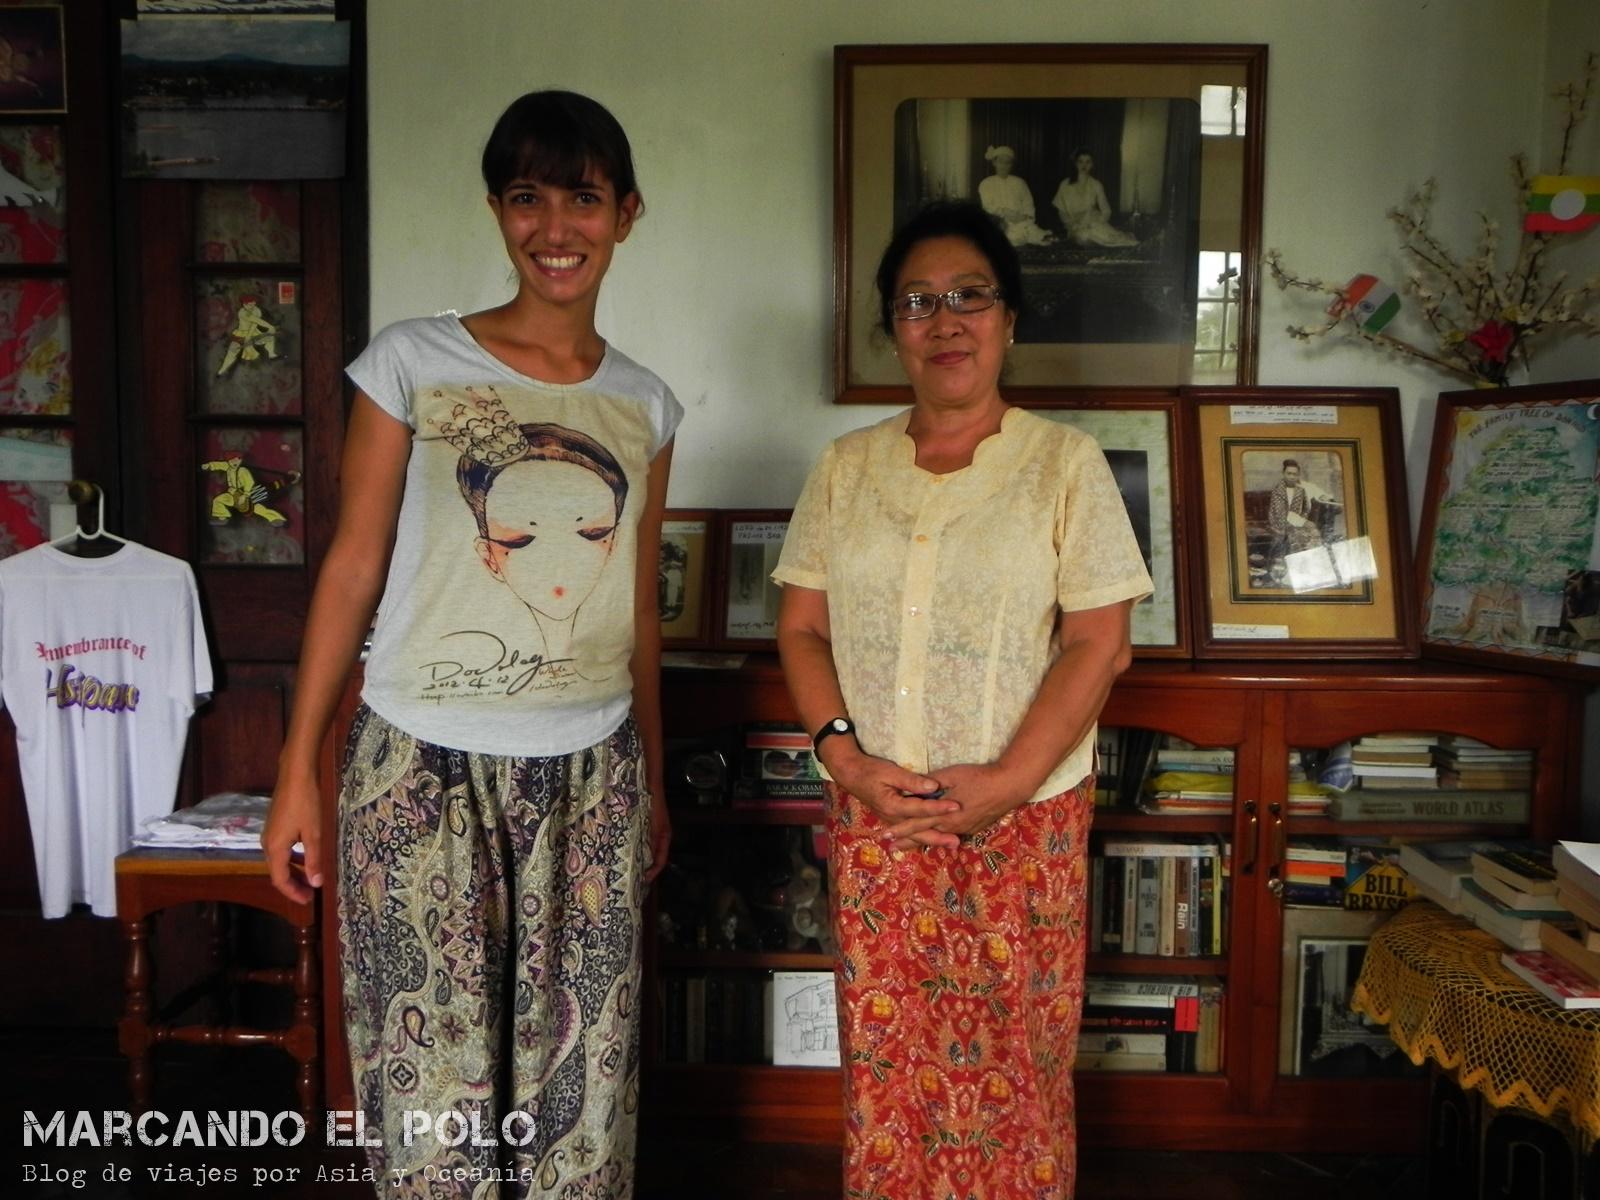 No hay problema que visites la casa de los locales durante el día. Fern abre las puertas de su casa en Hsipaw a todos los viajeros que estén interesados en saber más acerca de su cultura. Su marido fue un preso político hasta hace no mucho...